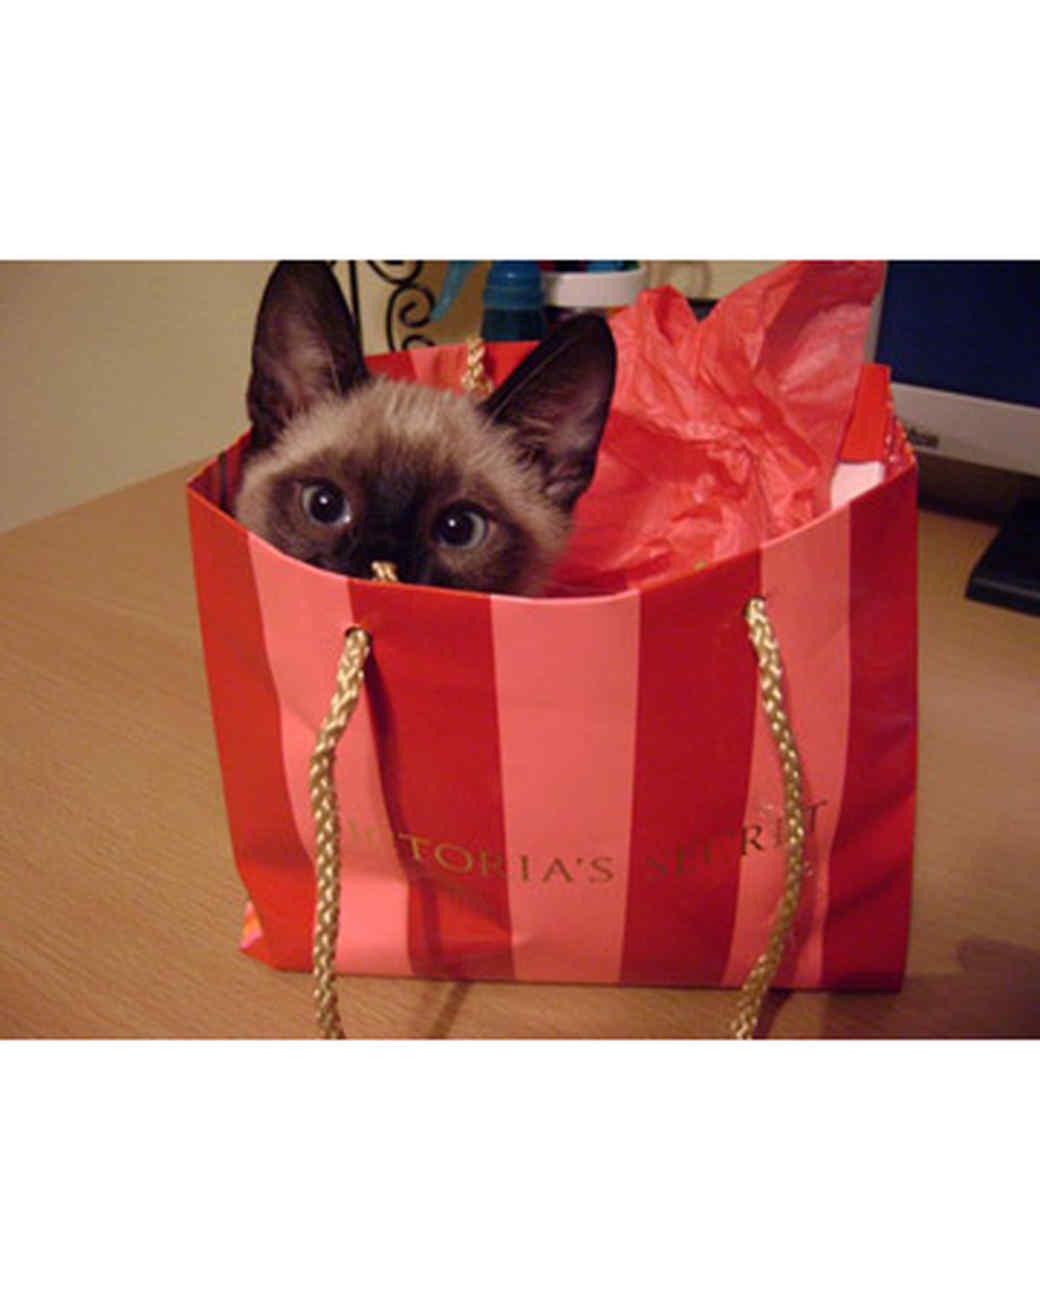 pets_kittens_0610_9539098_23605221.jpg